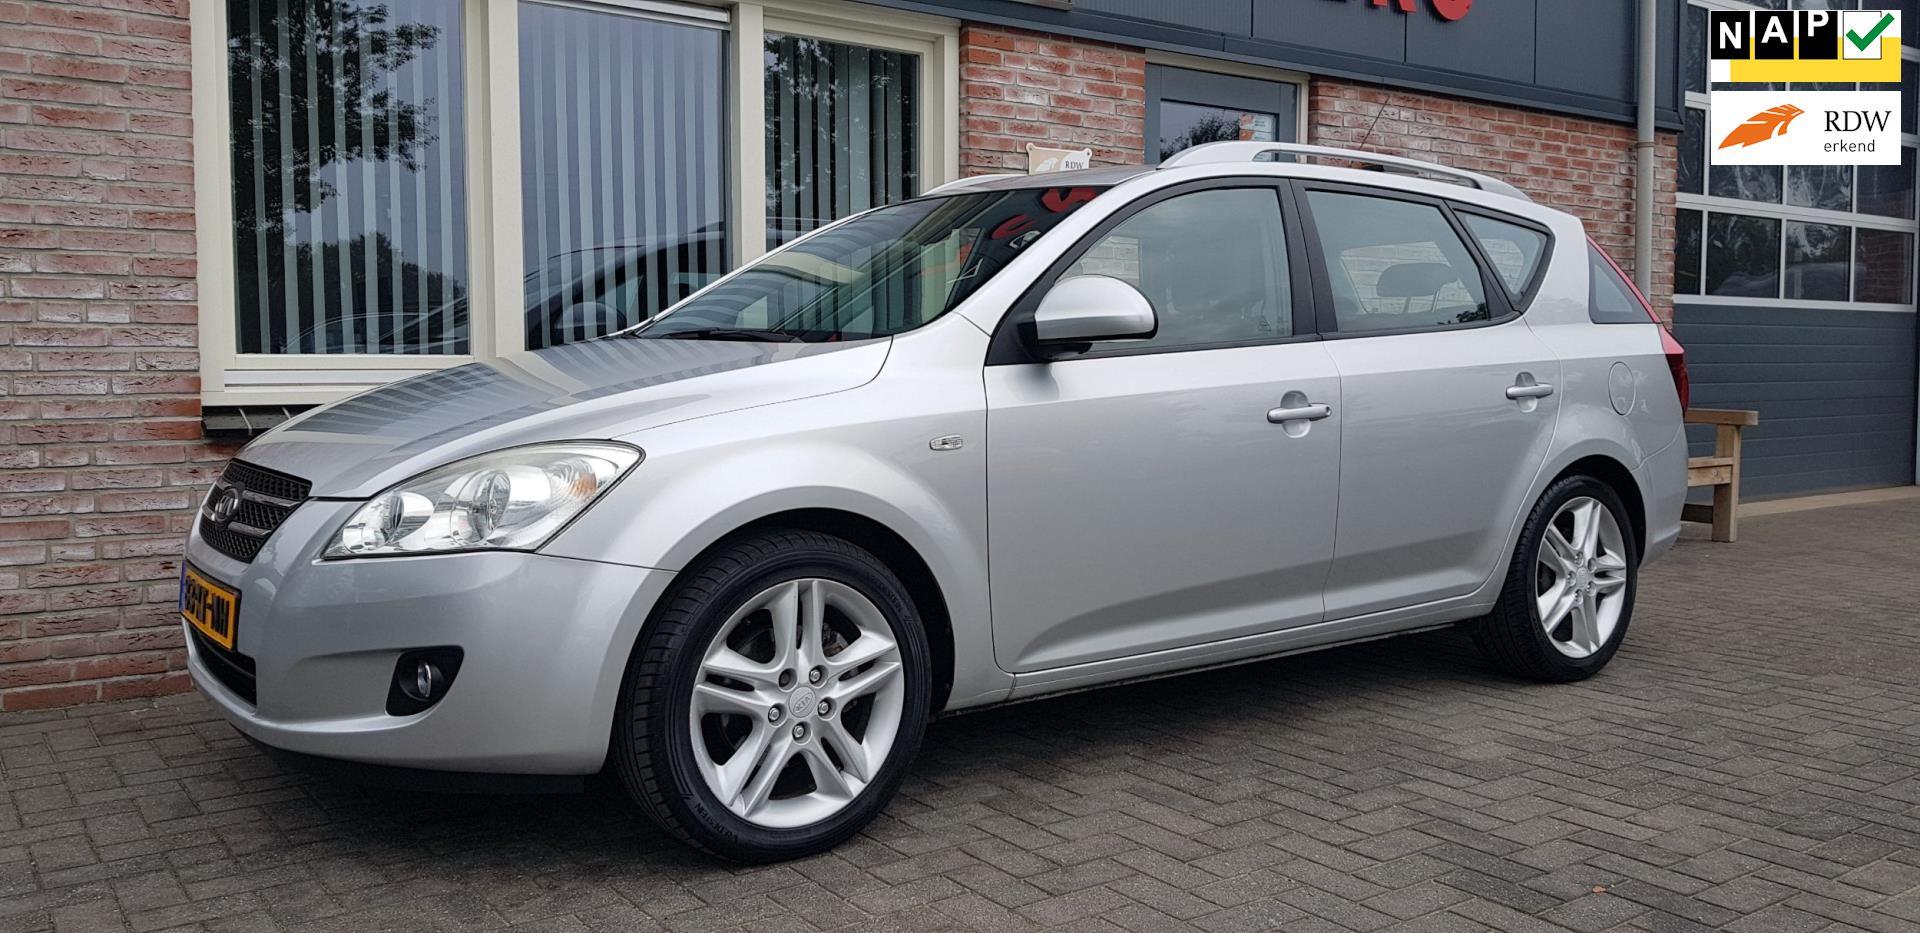 Kia Ceed Sporty Wagon occasion - Autobedrijf Achterberg